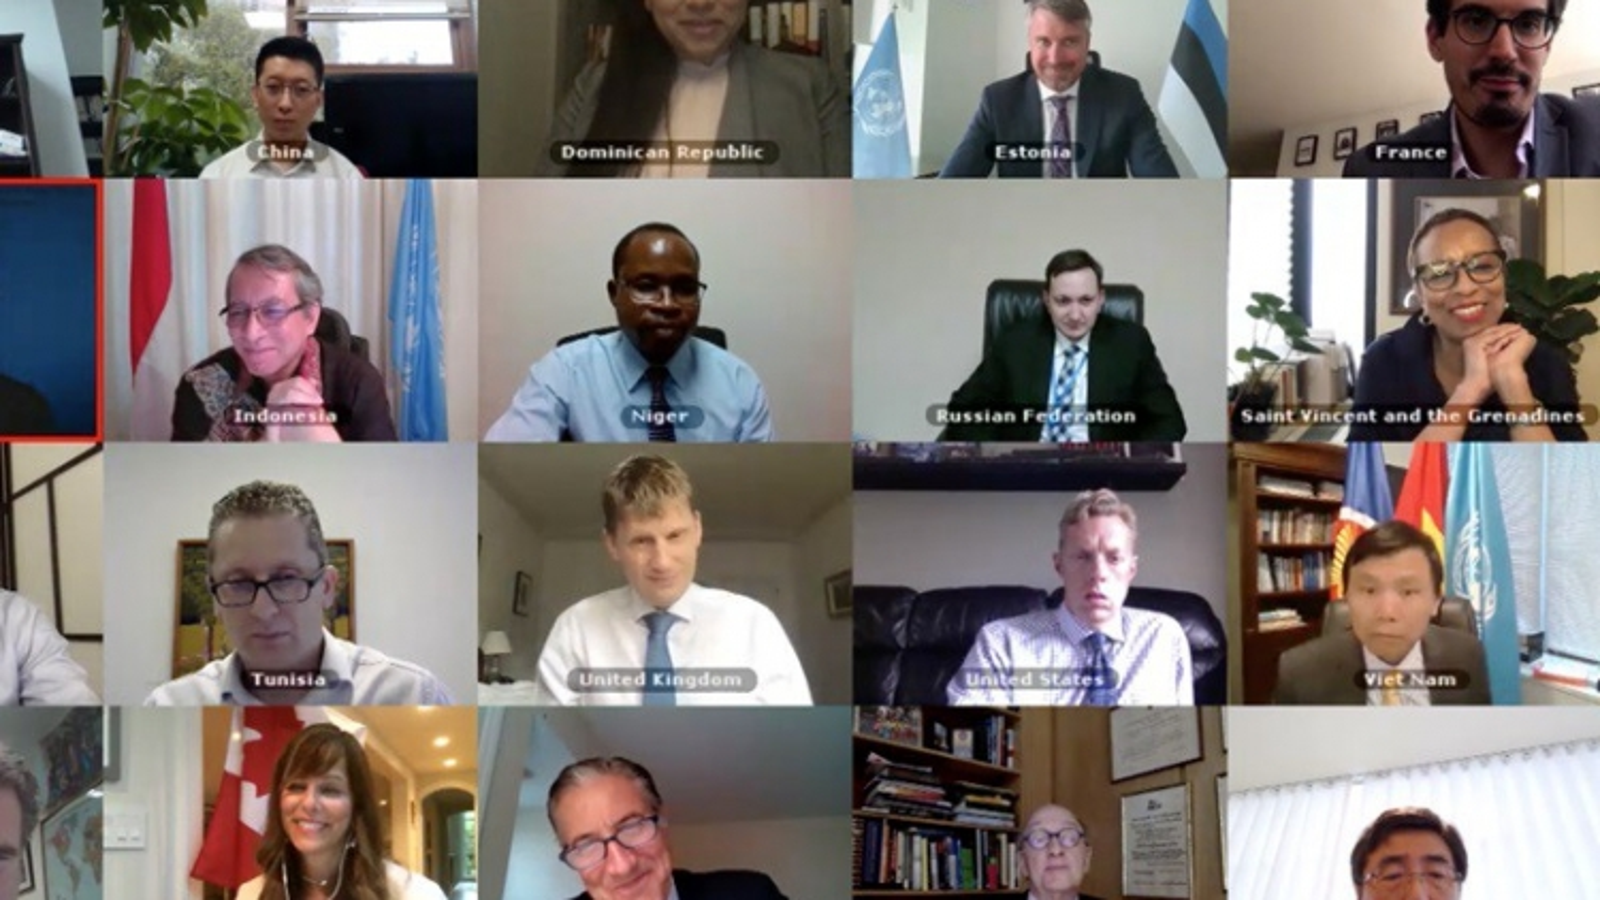 Hội đồng Bảo an thảo luận tác động của Covid-19 lên các nước xung đột